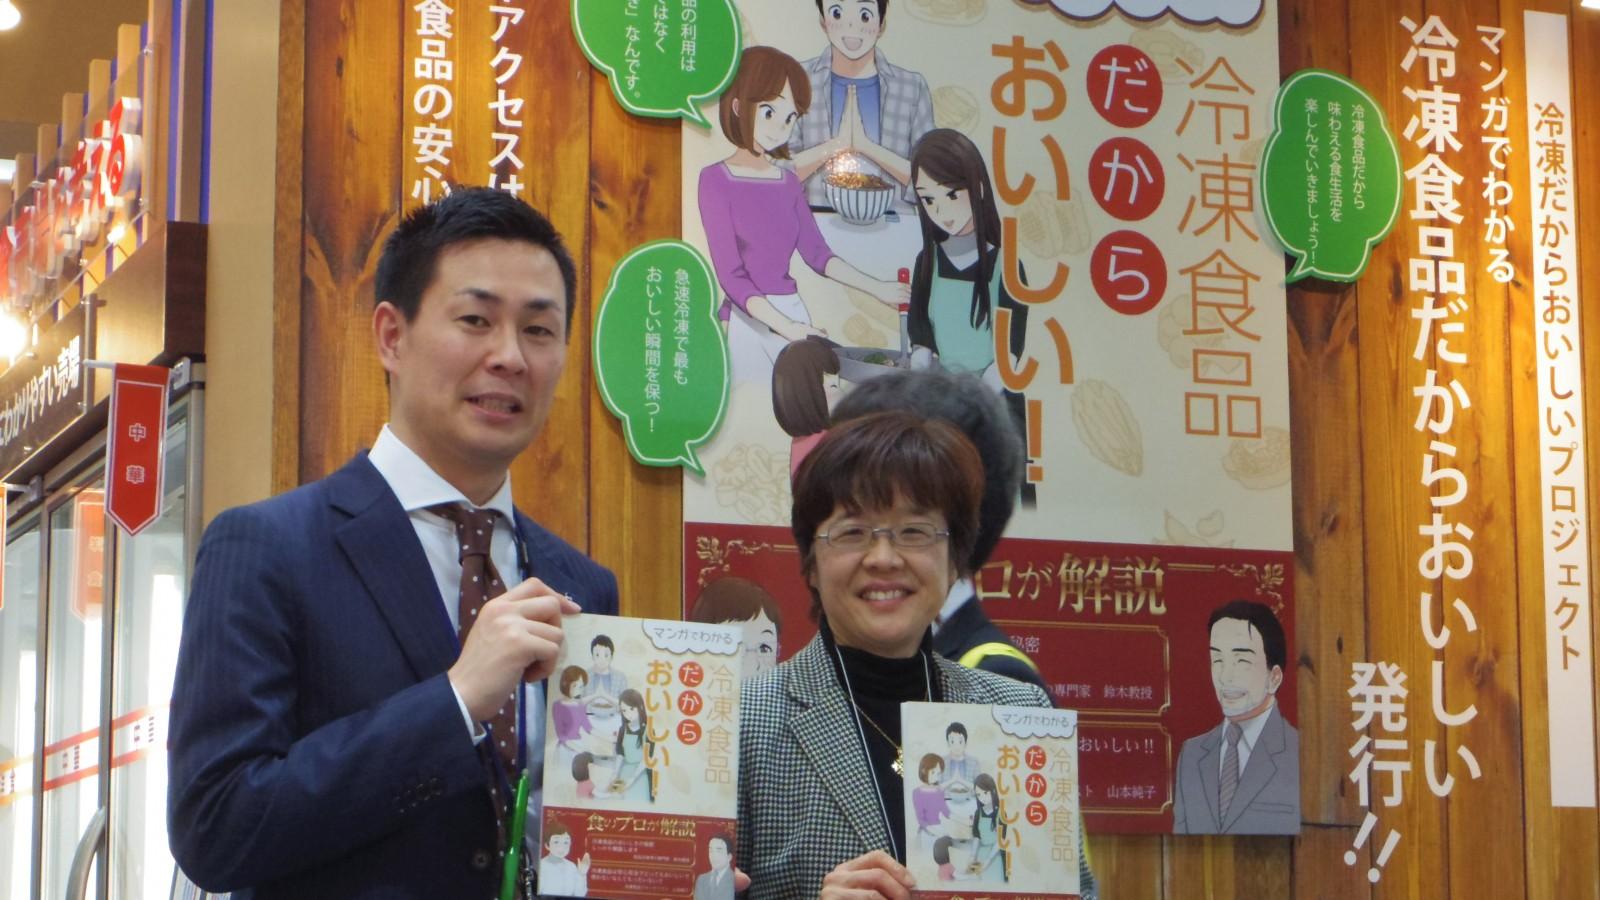 マンガでわかる「冷凍食品だからおいしい!」、日本アクセスが制作しました